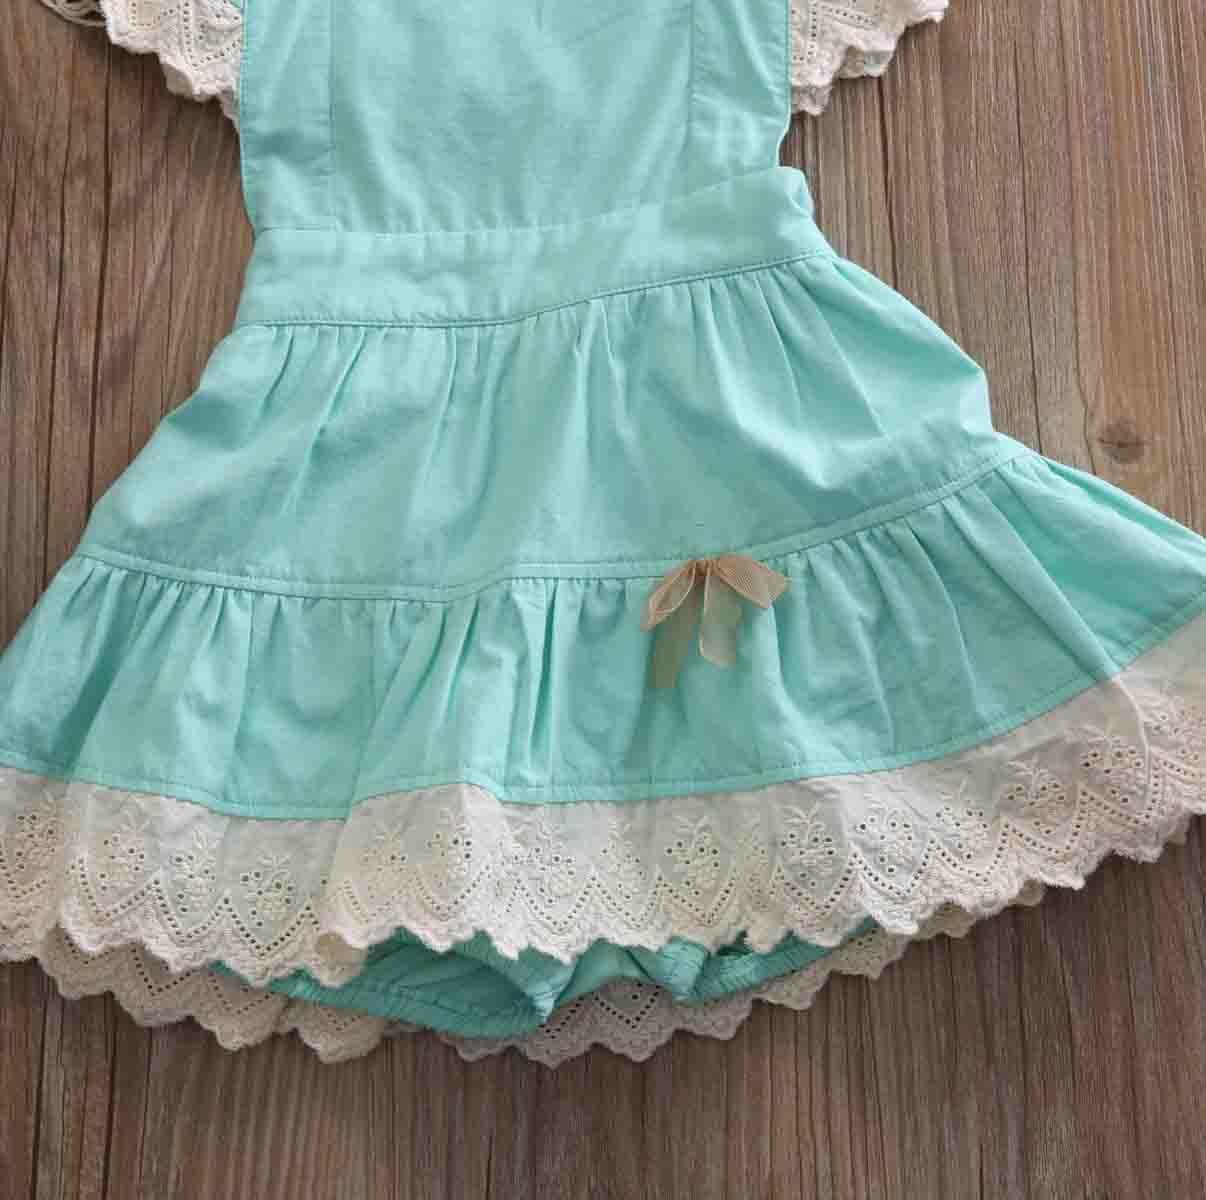 Blumen-Partei-Backless-nettes Kleid-Mädchen-Sommerkleid-neuer Sommer-nettes Kleinkind-Baby-Kind-Mädchen-Kleider-Spitze-Ball